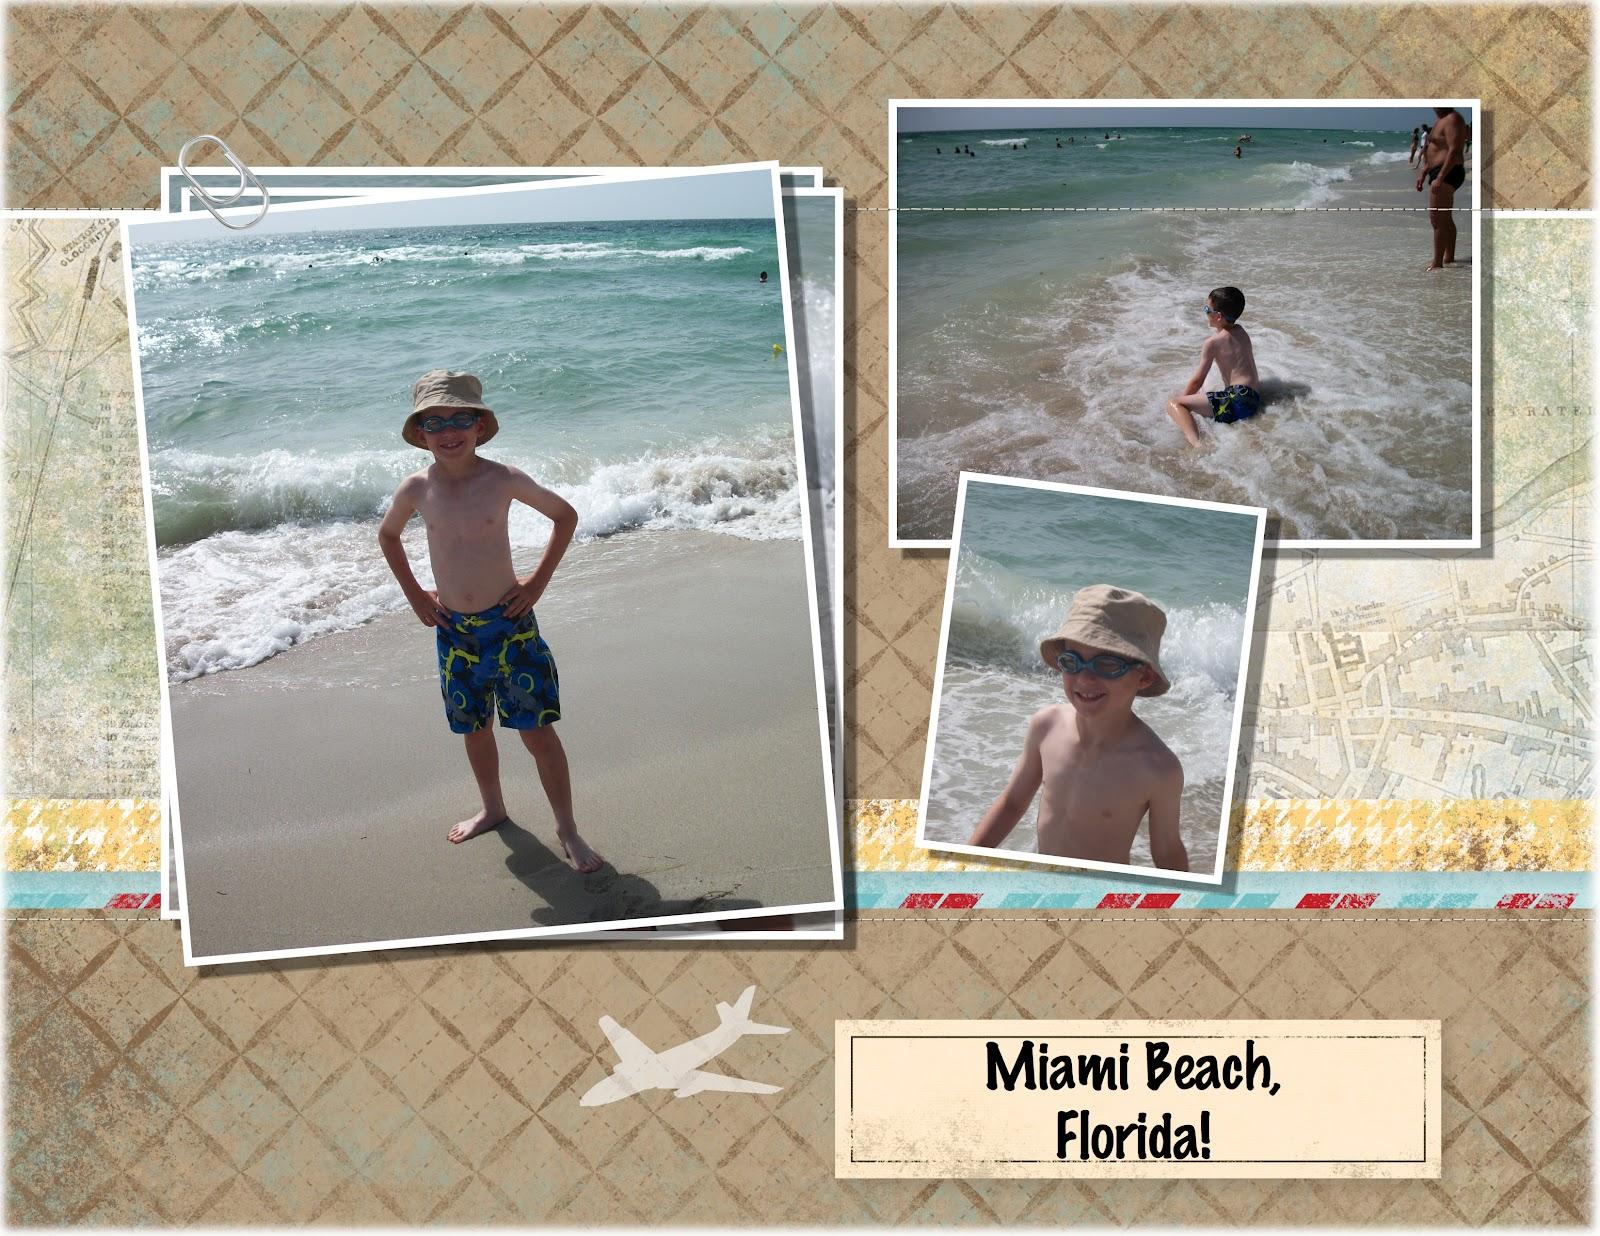 http://3.bp.blogspot.com/-J8iS5_swvZs/UC2kWDRzBtI/AAAAAAAAEqw/avj8wpkQu3I/s1600/Miami%2Bocean.jpg